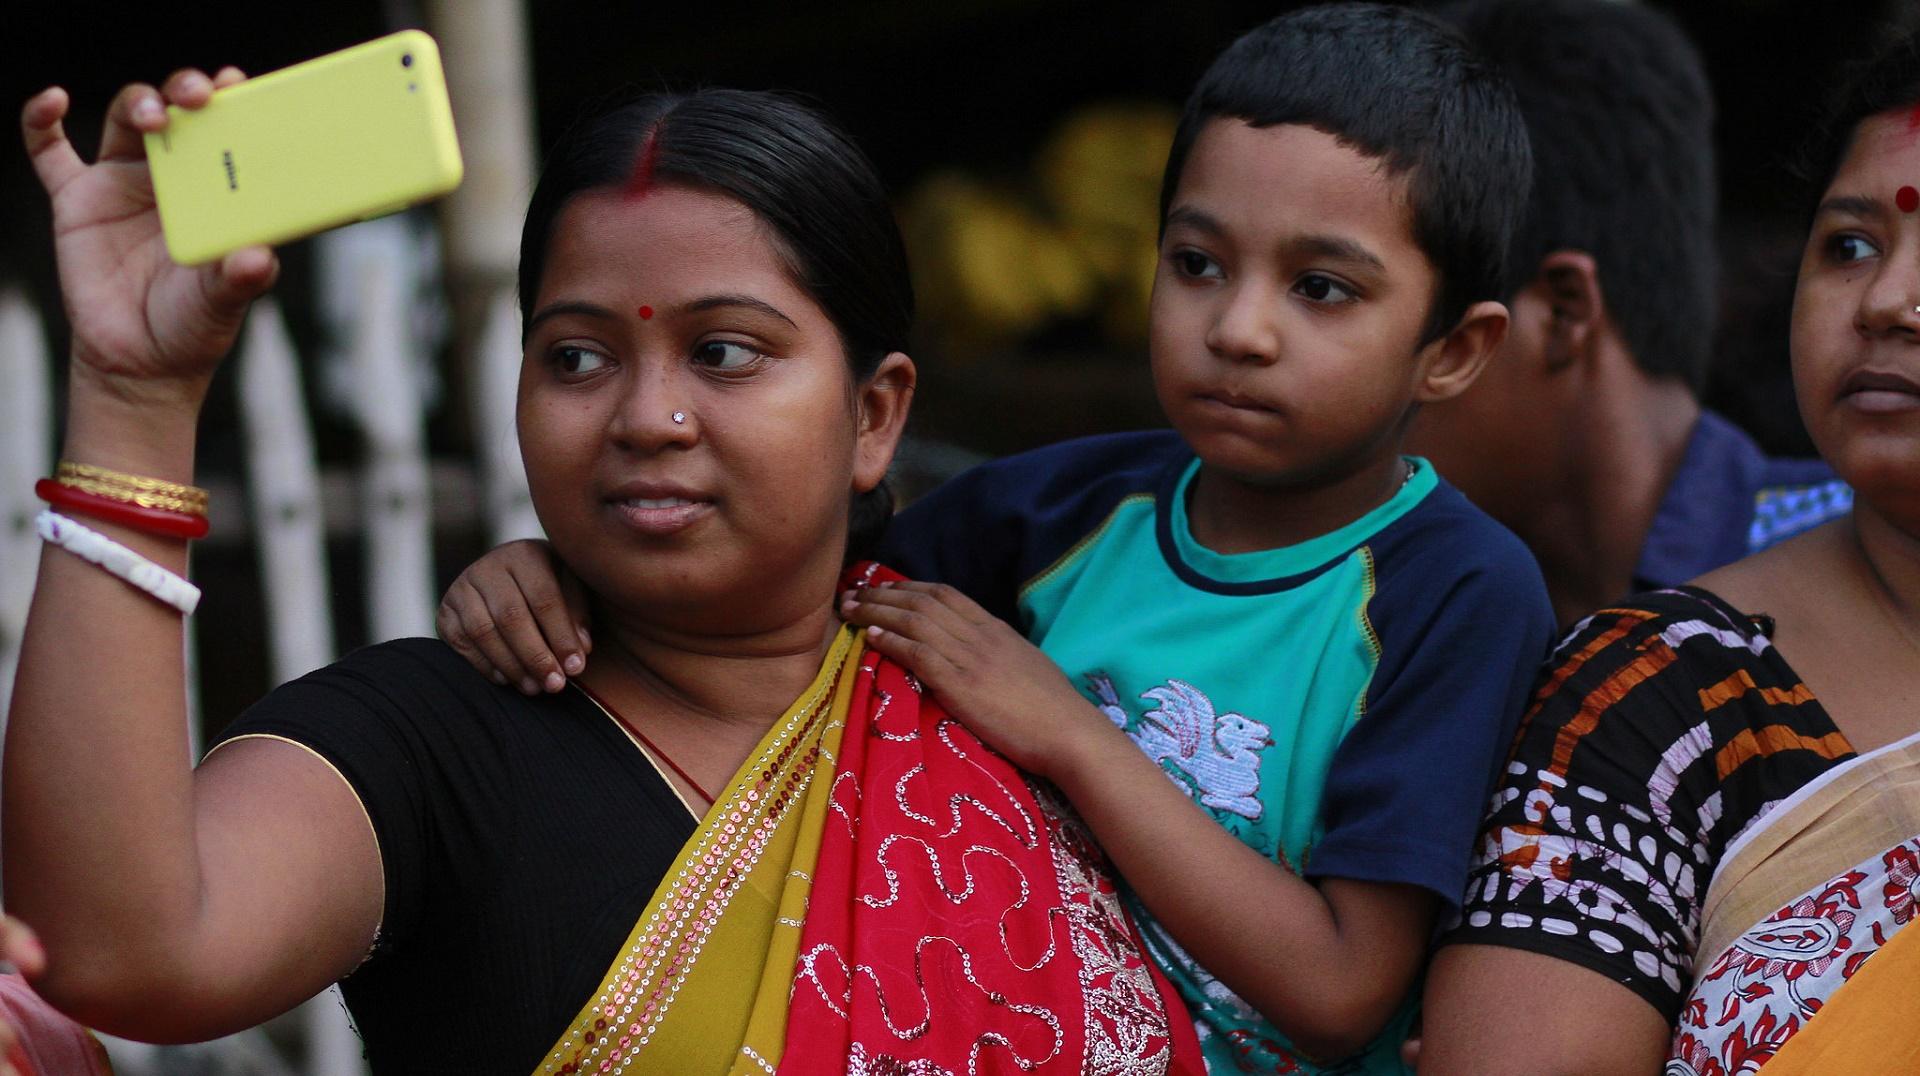 India planea poner WiFi gratis en más de 1.000 pueblos